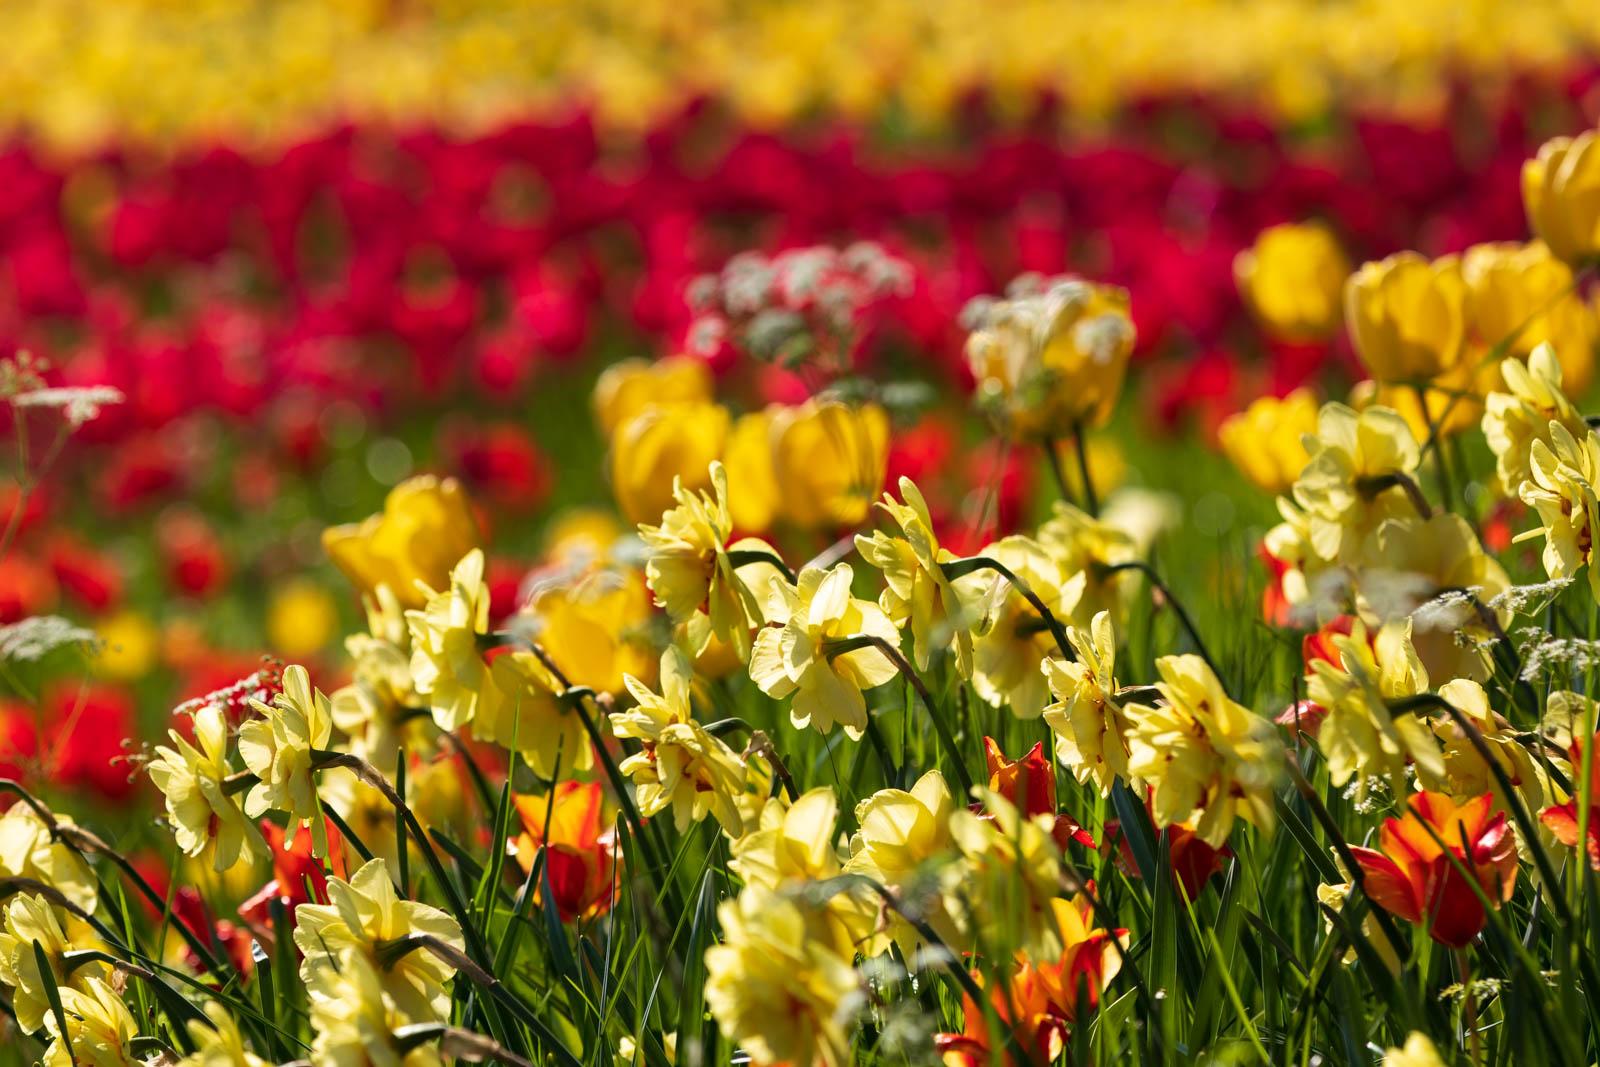 Narzissen am Rande der Tulpenwiese